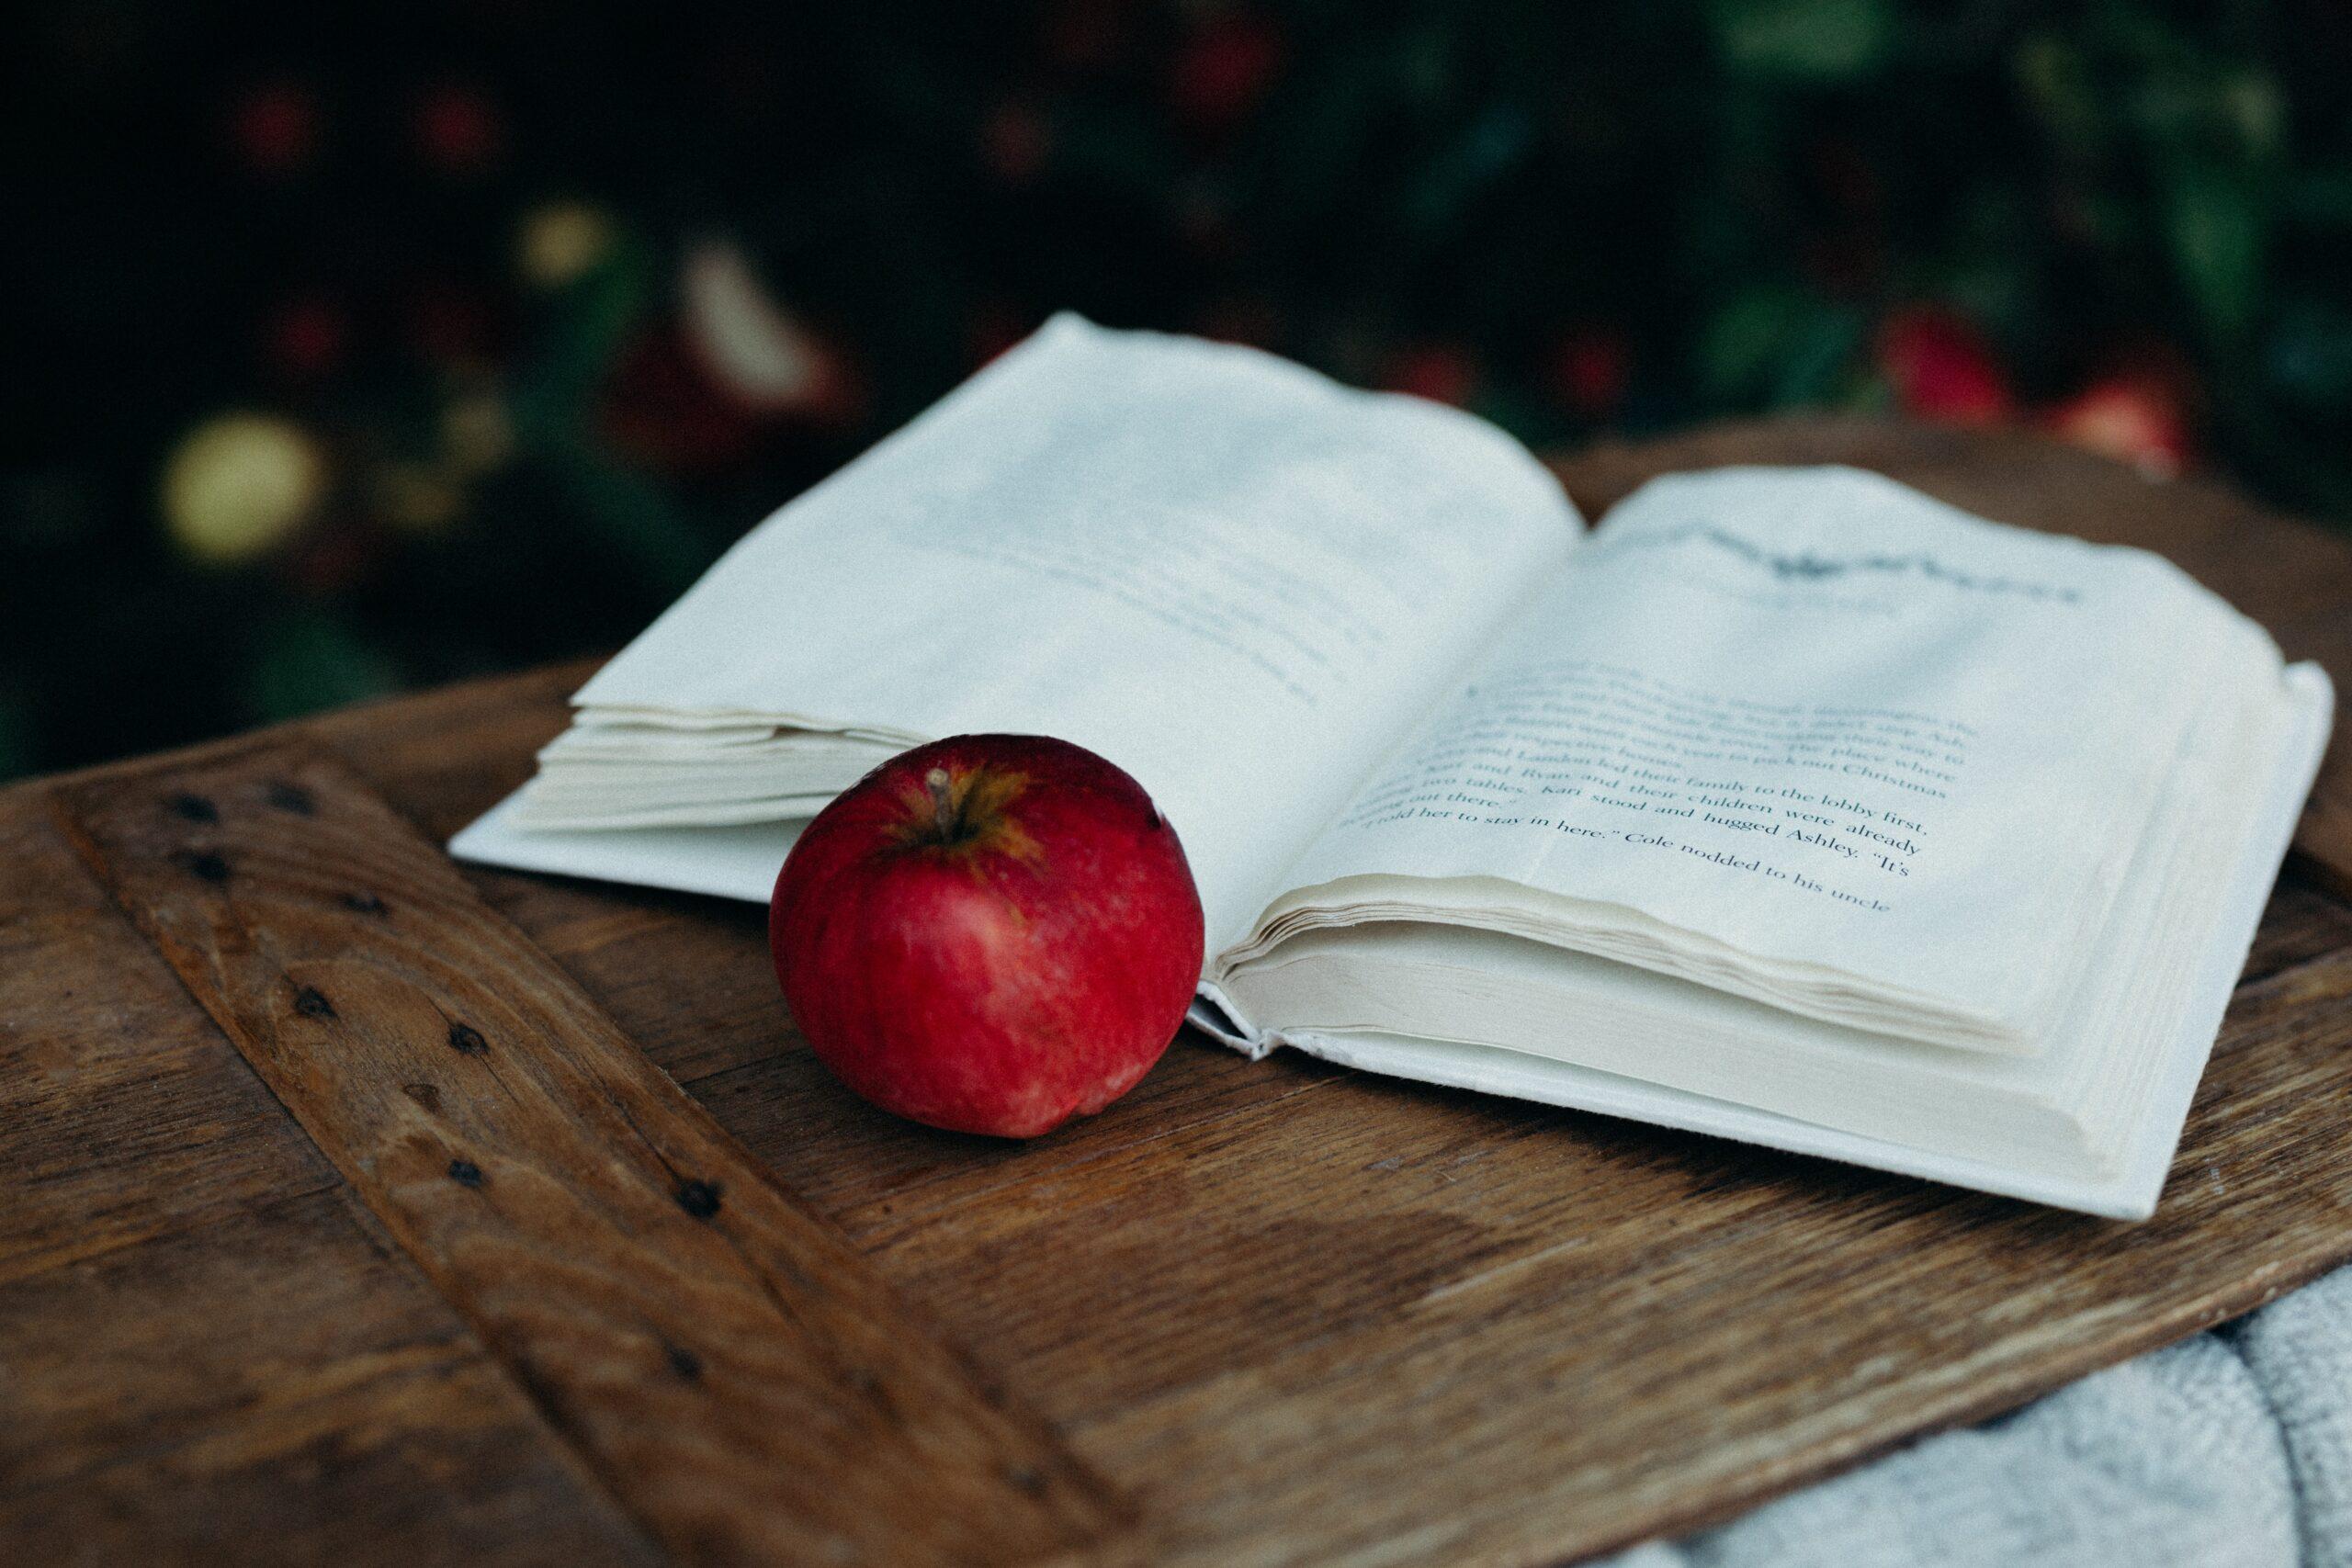 Libro di favole aperto su un tavolo